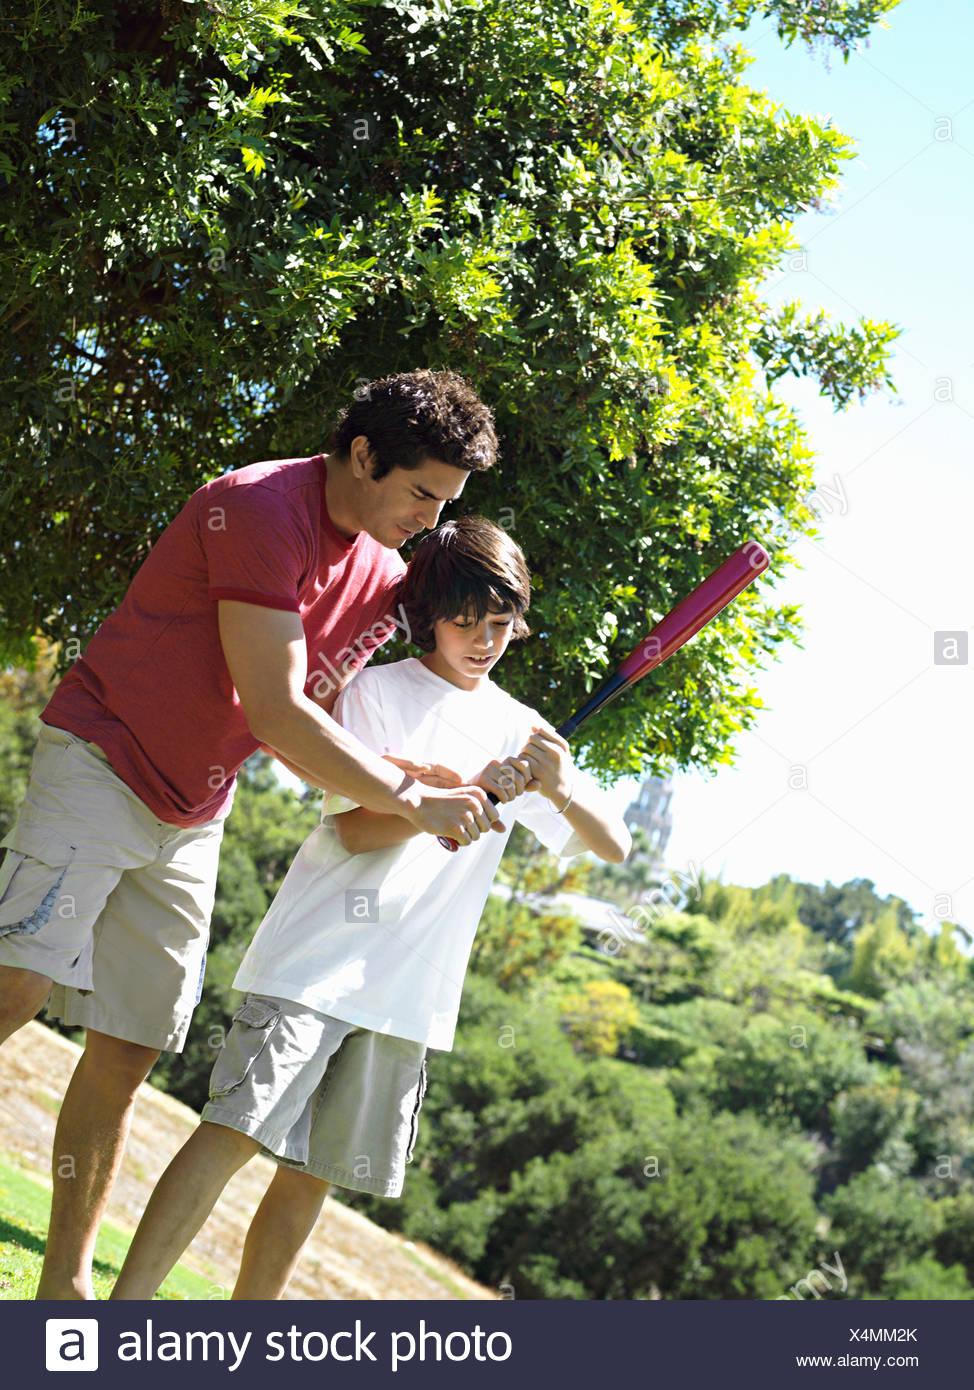 Padre figlio di insegnamento 10 12 come tenere mazza da baseball in piedi su erba in inclinazione del parco Immagini Stock